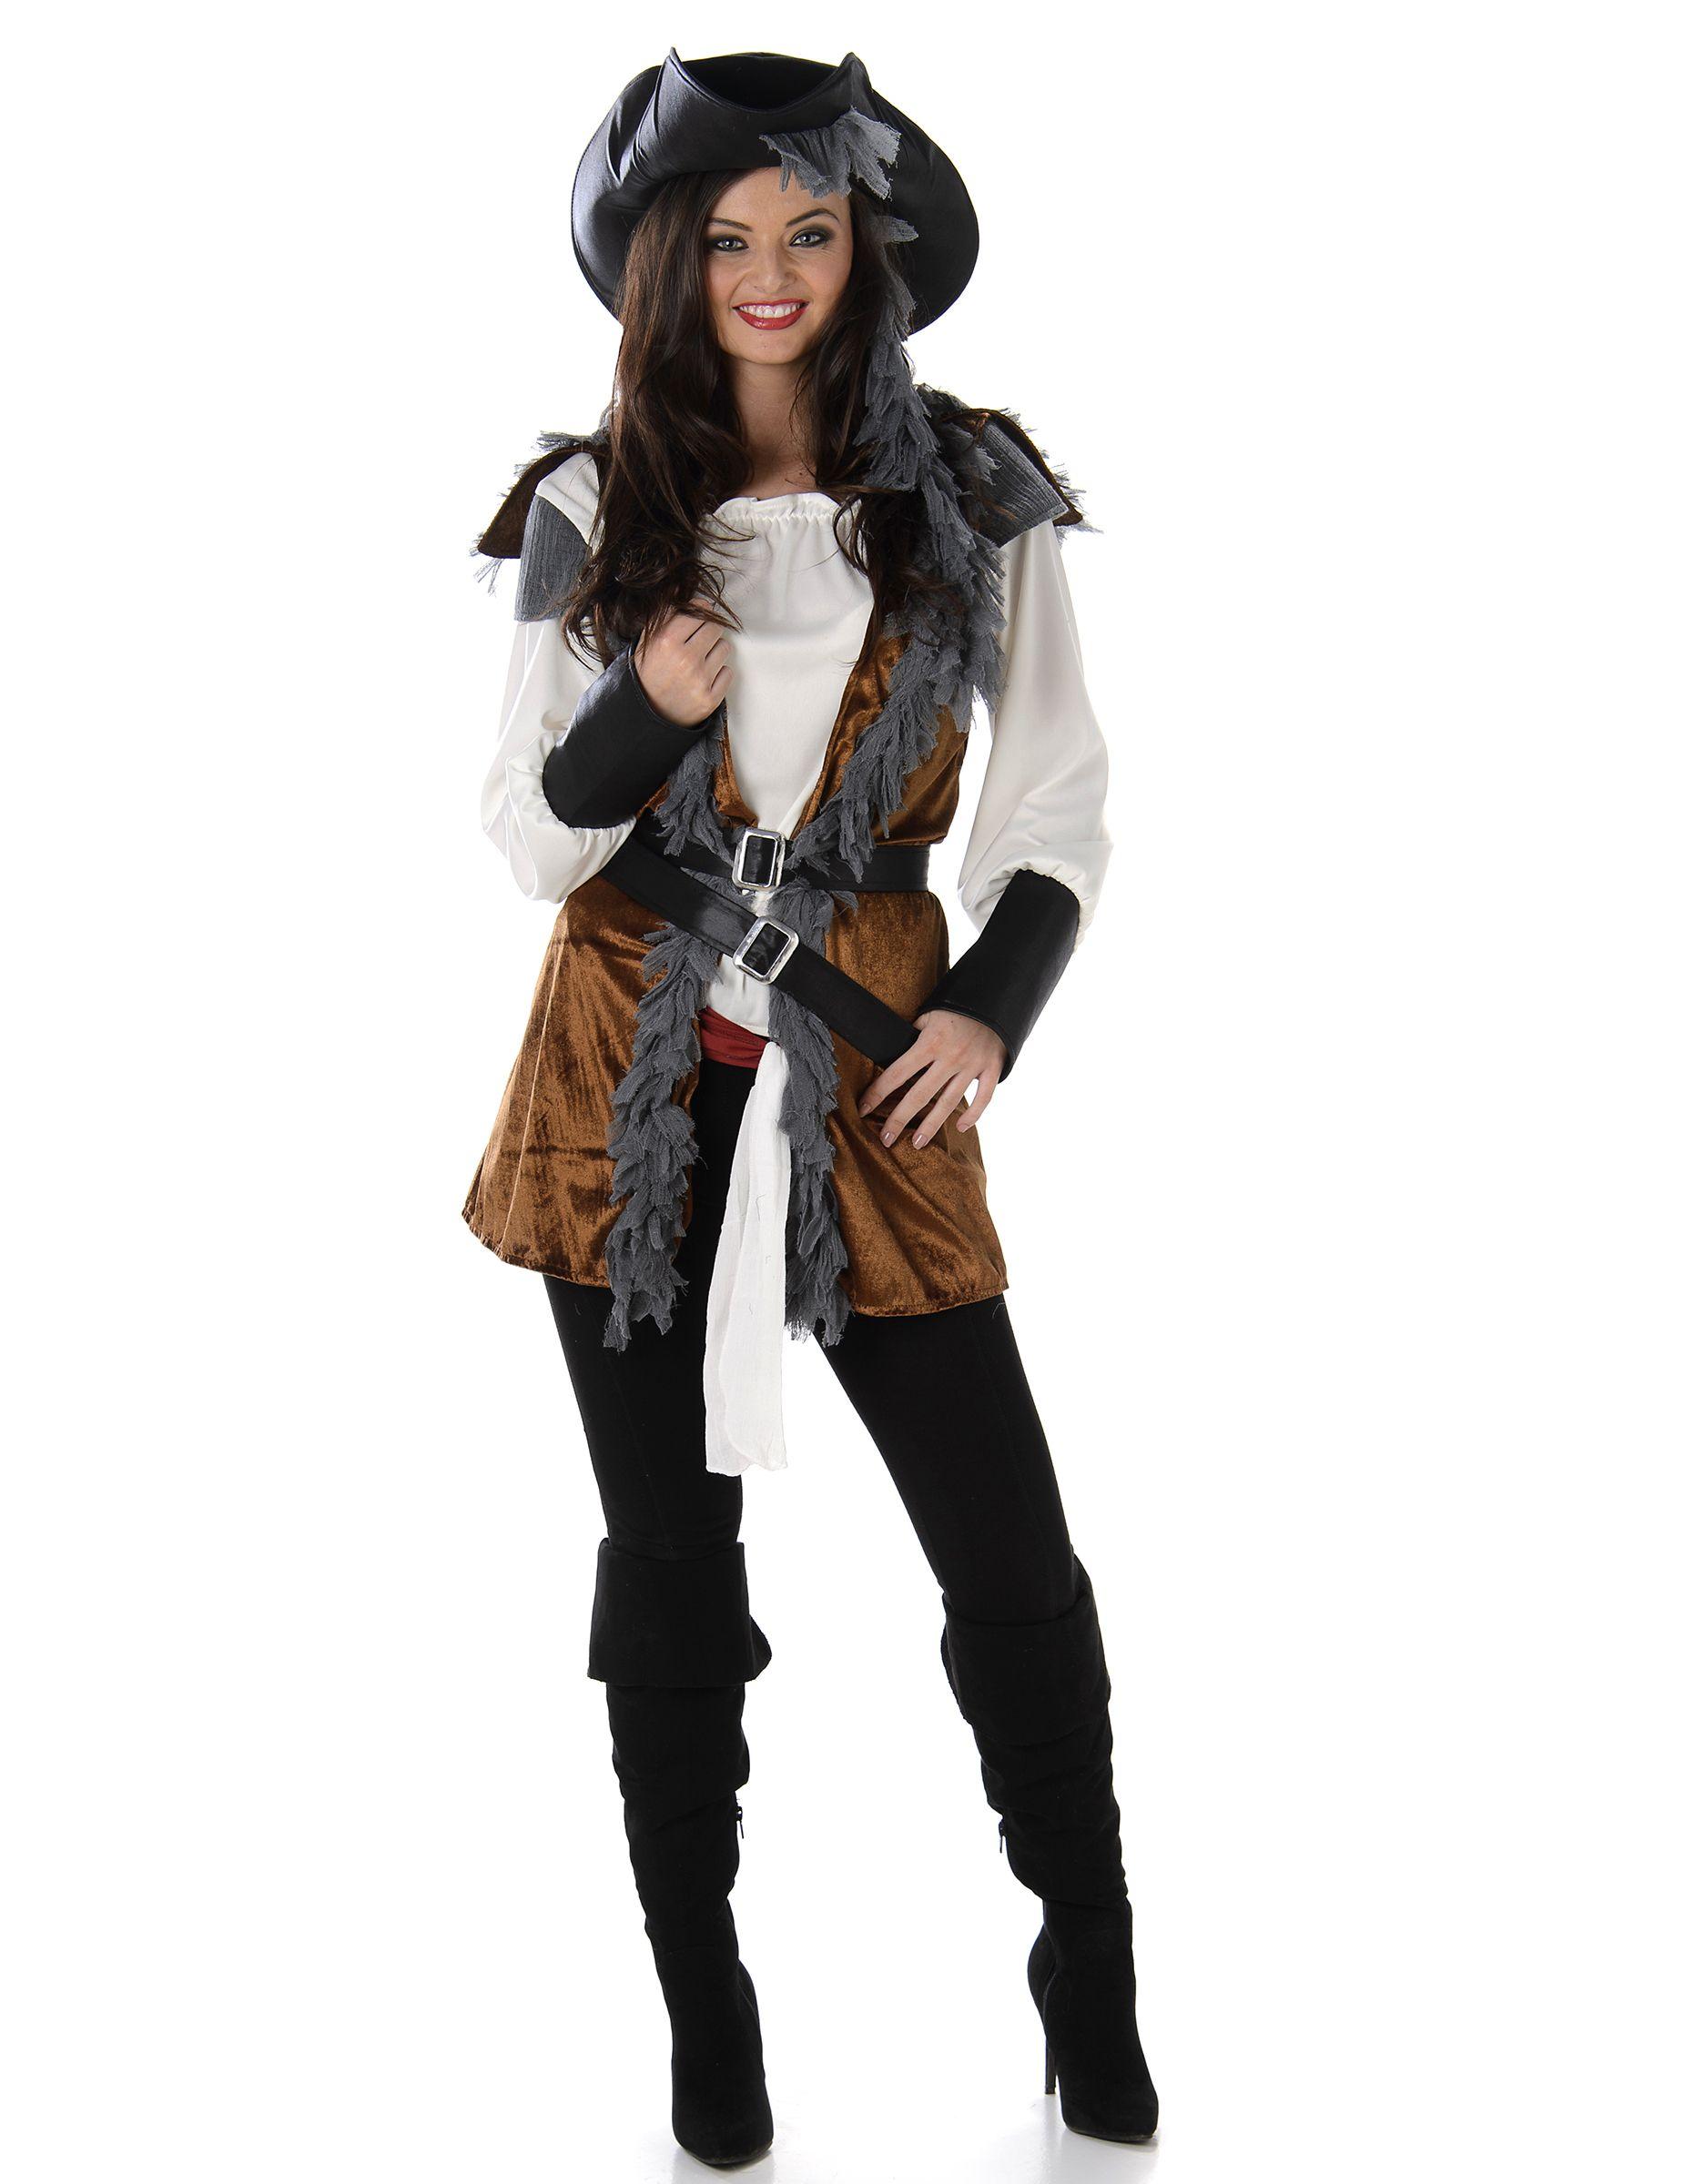 11fbeb6e4c6cf Déguisement Pirate femme   Ce déguisement de pirate pour femme se compose  d un haut